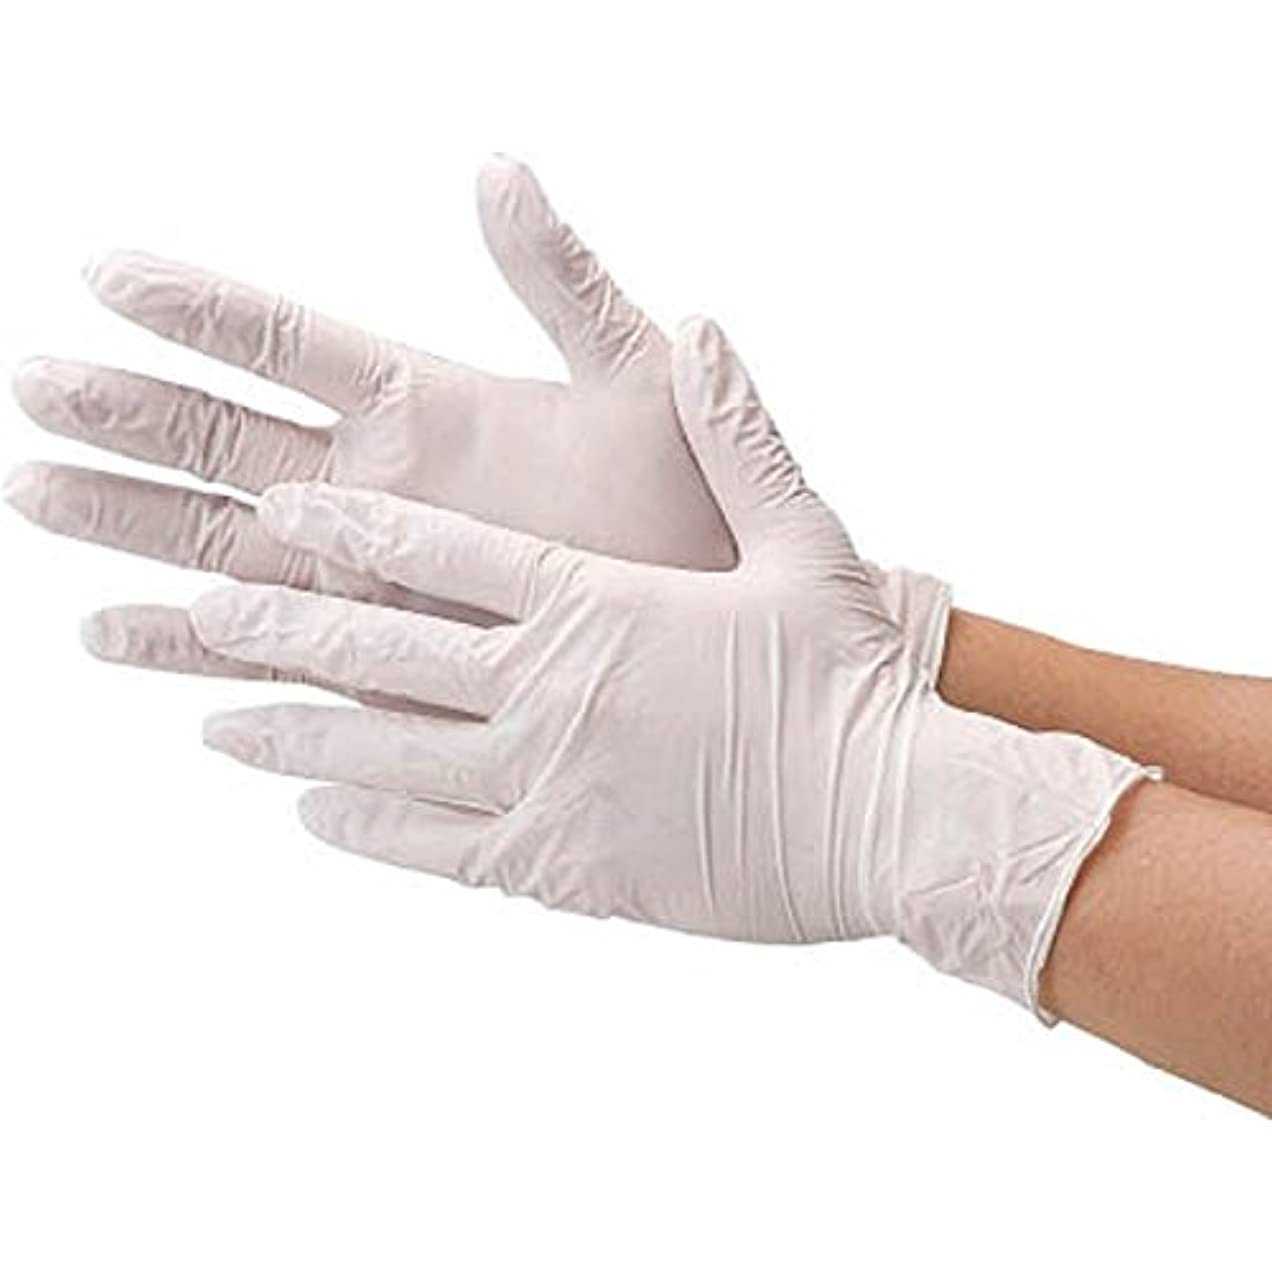 かかわらず放つブルーベル川西工業/川西 ニトリル使いきり手袋 100枚入(4218141) 2044W-M [その他]